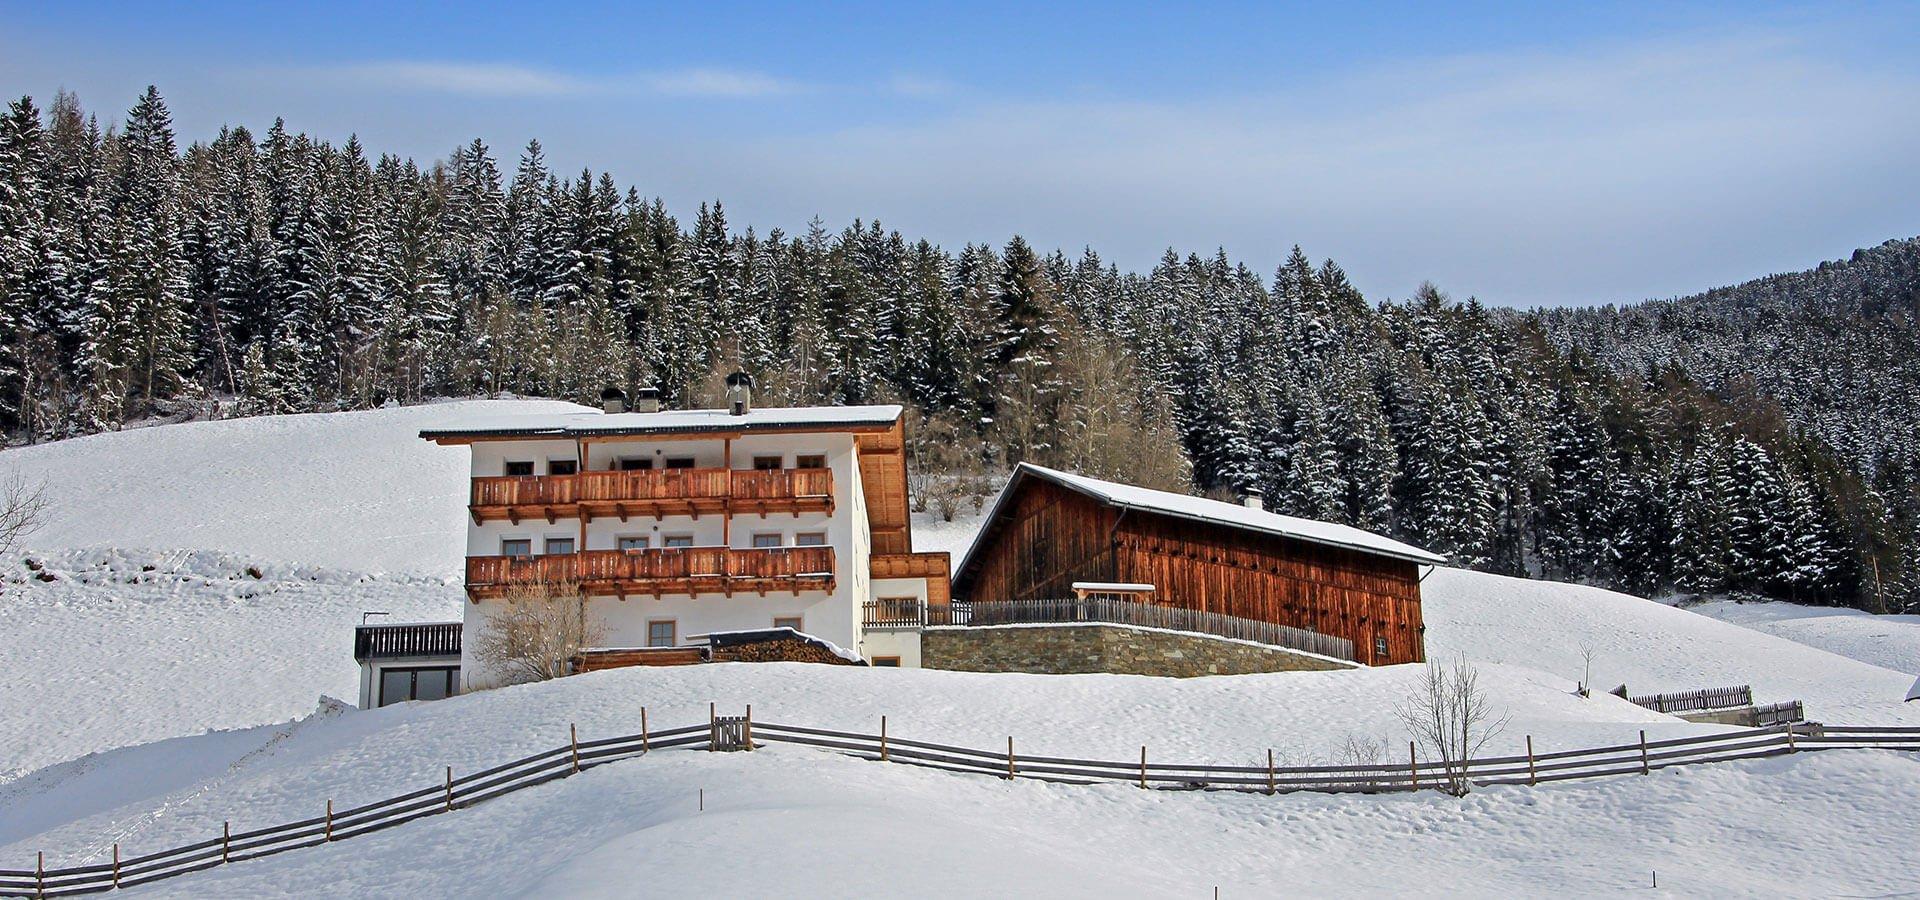 Urlaub-am-Bauernhof-im-Winter